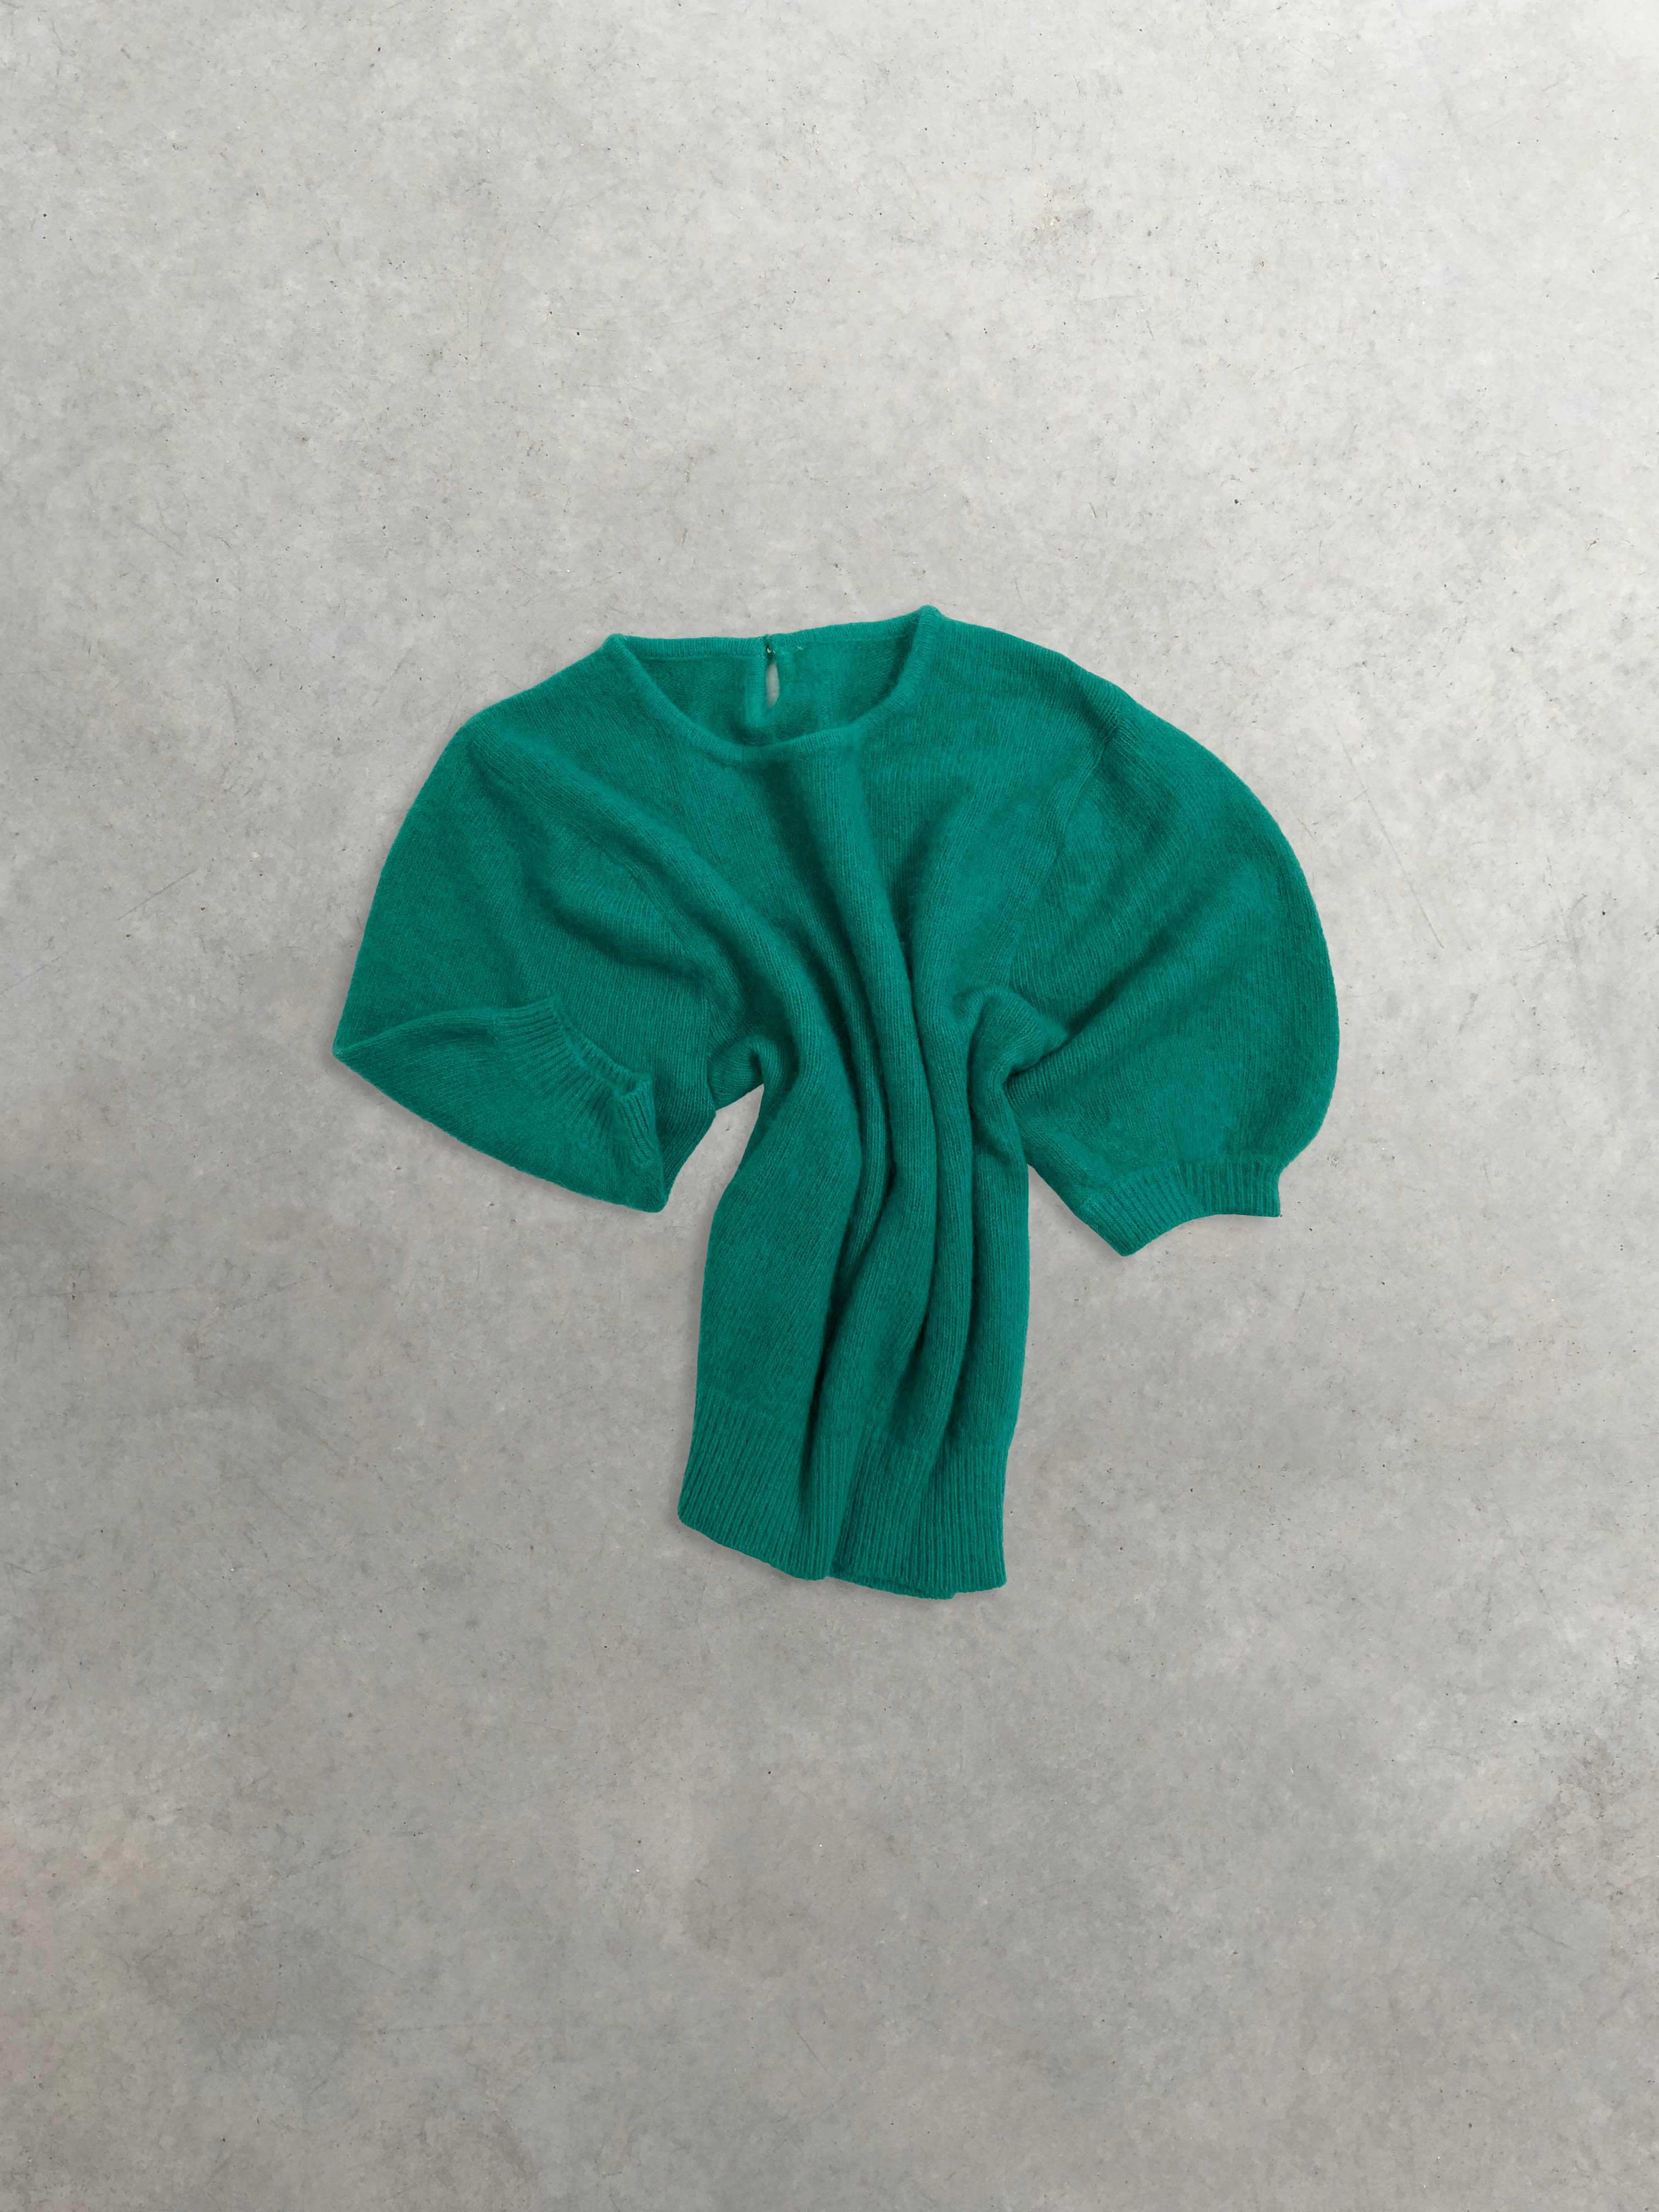 Packshot du produit Pull Col Rond Turquoise  de la catégorie Pull